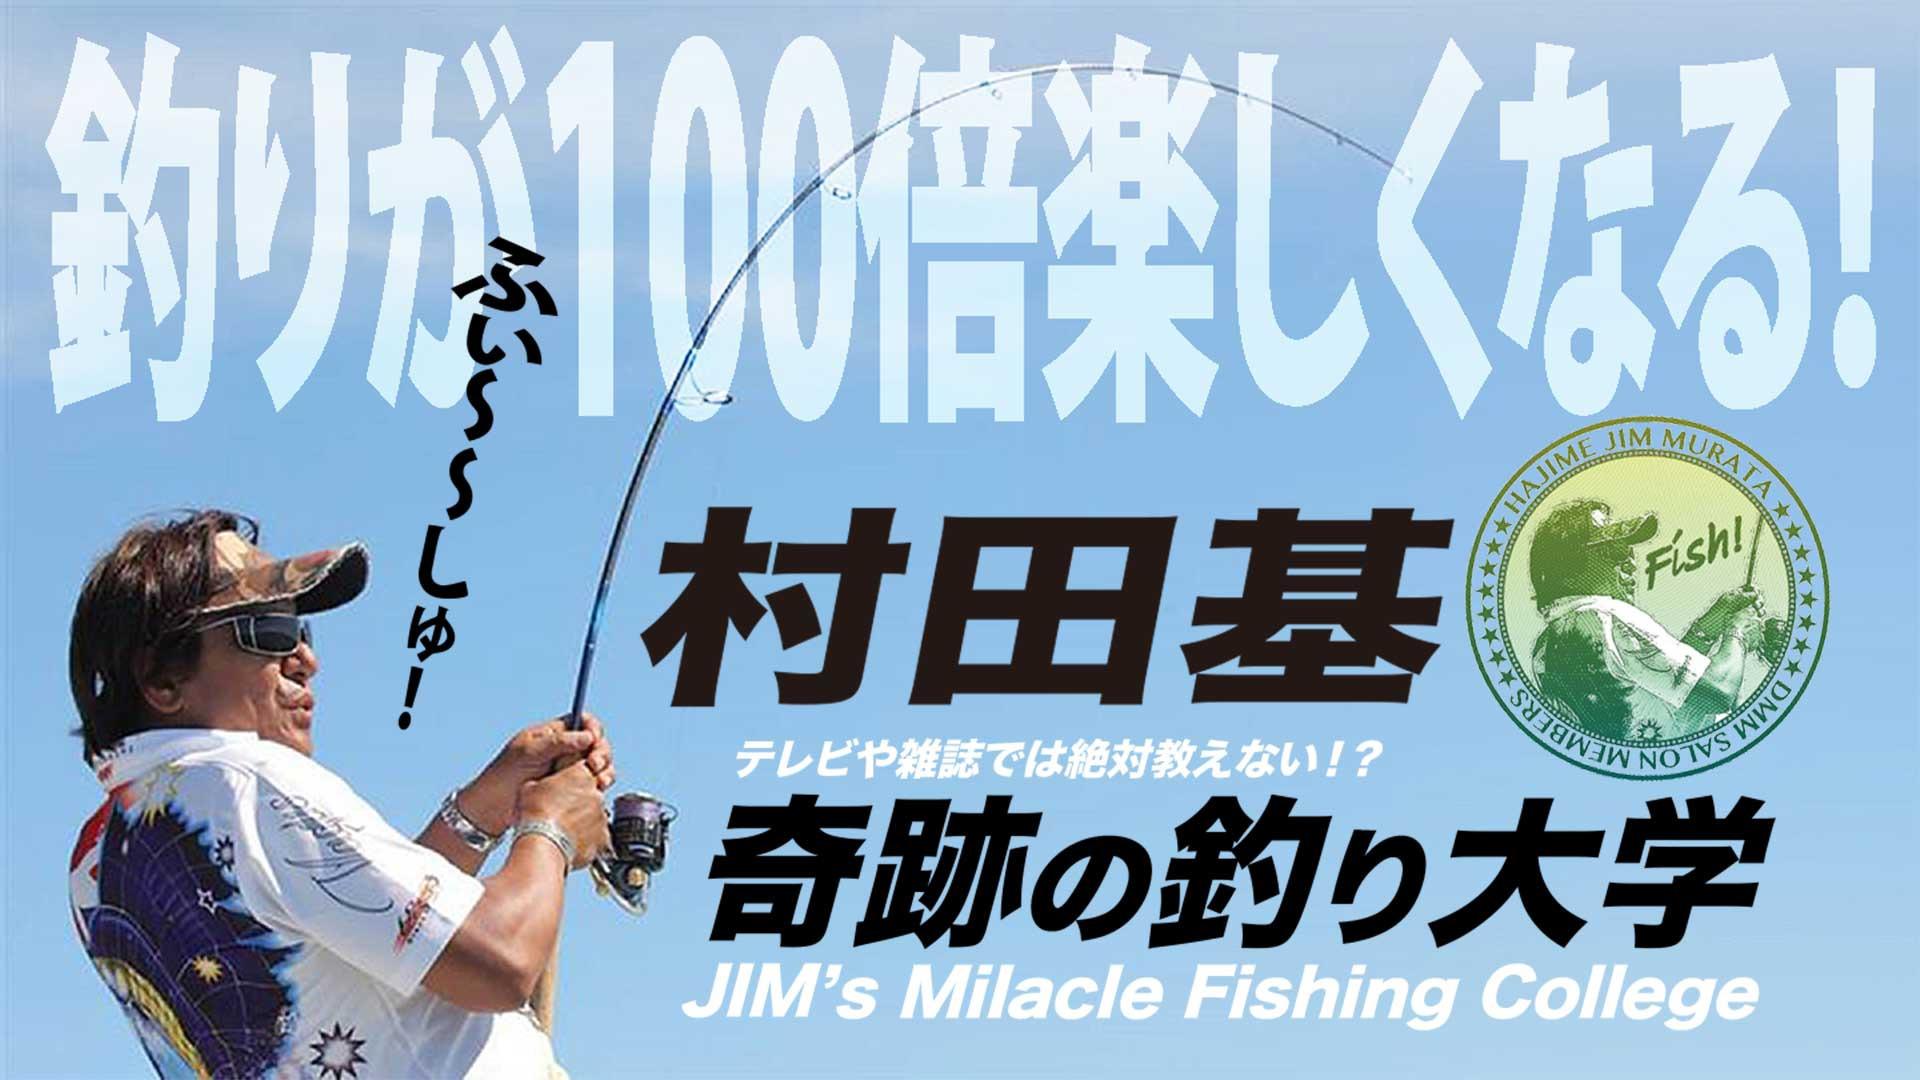 村田 基 - テレビや雑誌では絶対教えない!?村田基・奇蹟の釣り大学 - DMM オンラインサロン